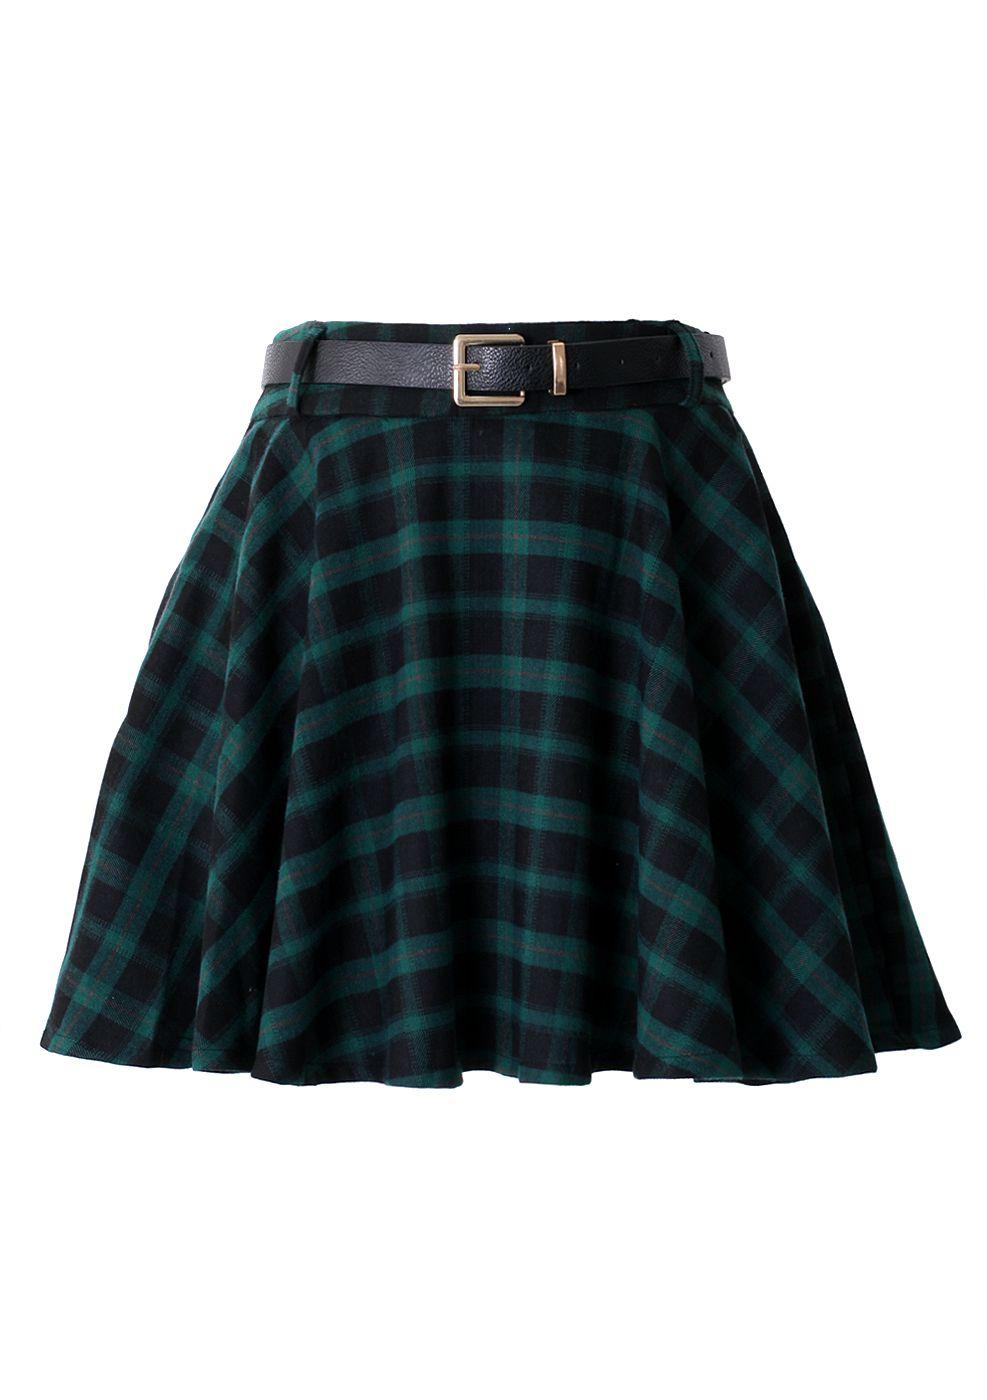 Green Plaid Skater Skirt with Belt